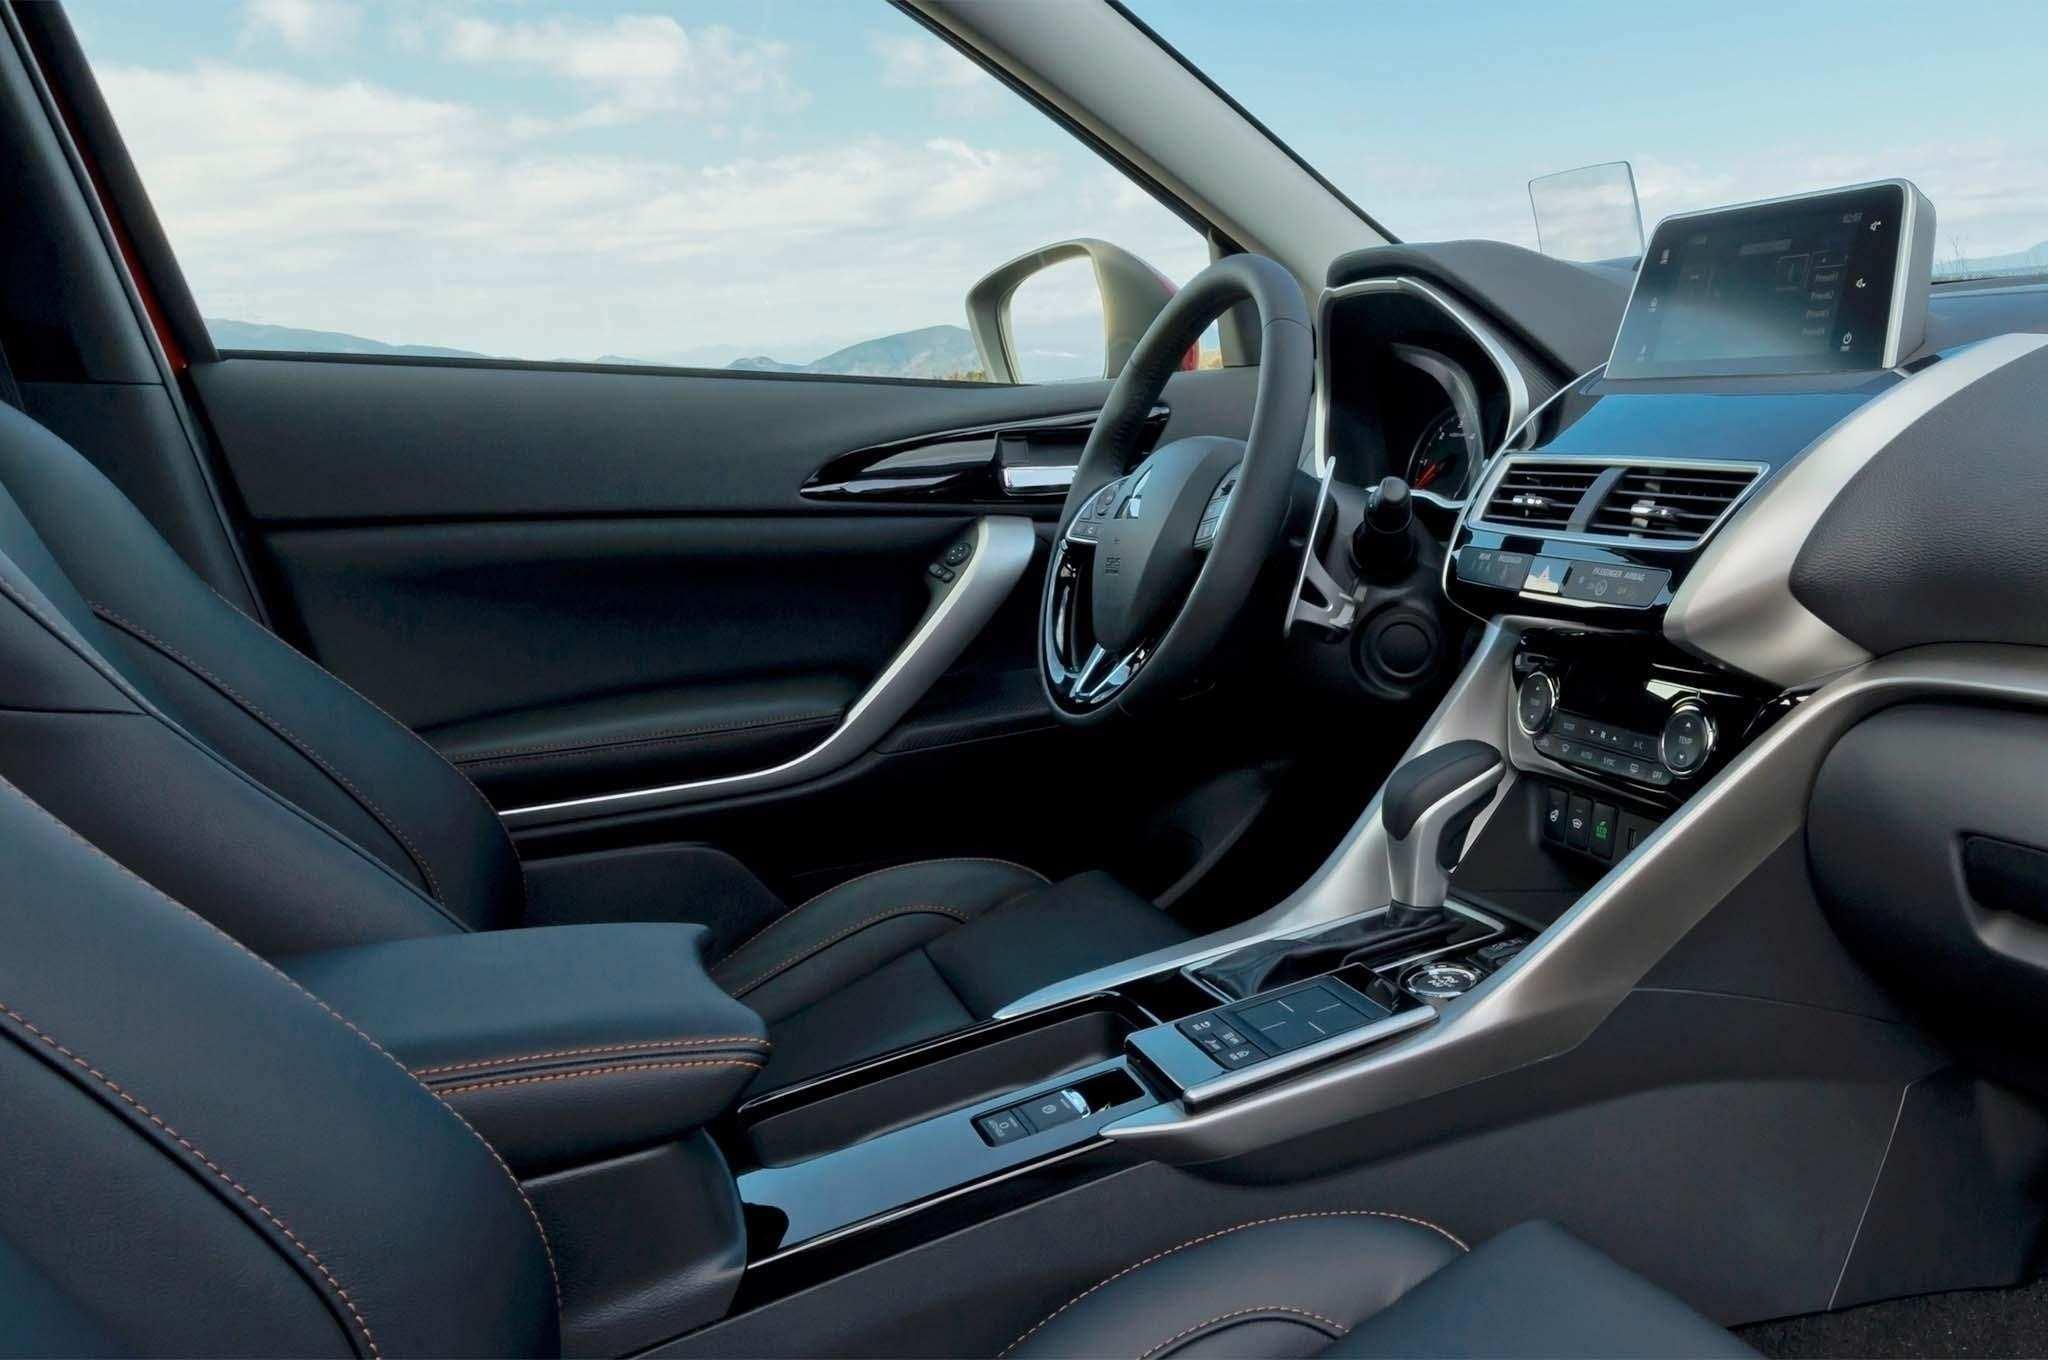 42 New 2019 Mitsubishi Galant Rumors for 2019 Mitsubishi Galant